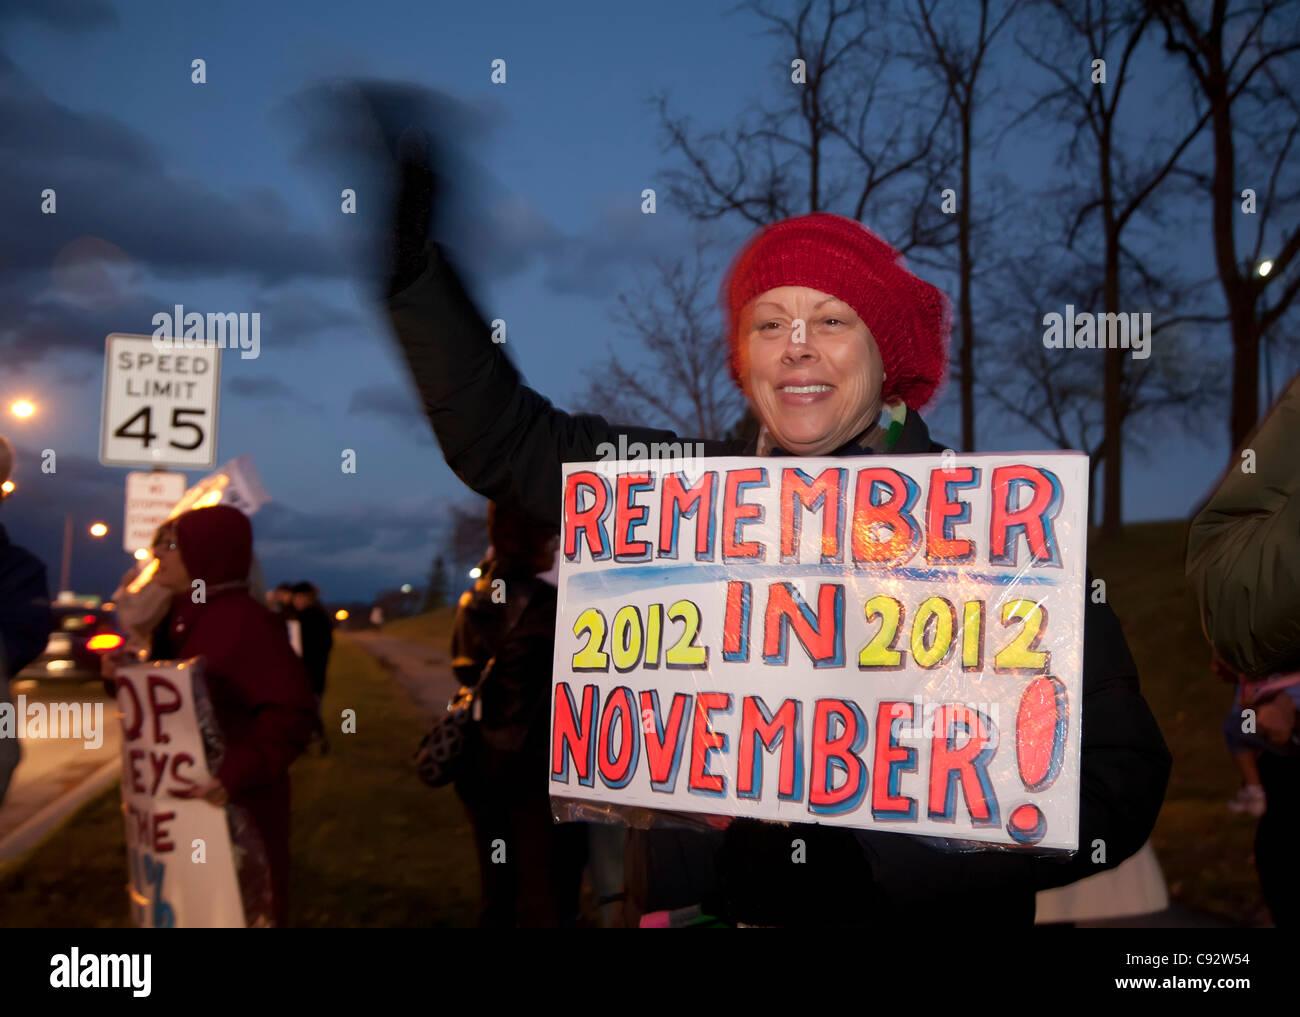 Auburn Hills, Michigan - Gente piquete fuera del Debate Presidencial Republicano en la Universidad Oakland. Foto de stock